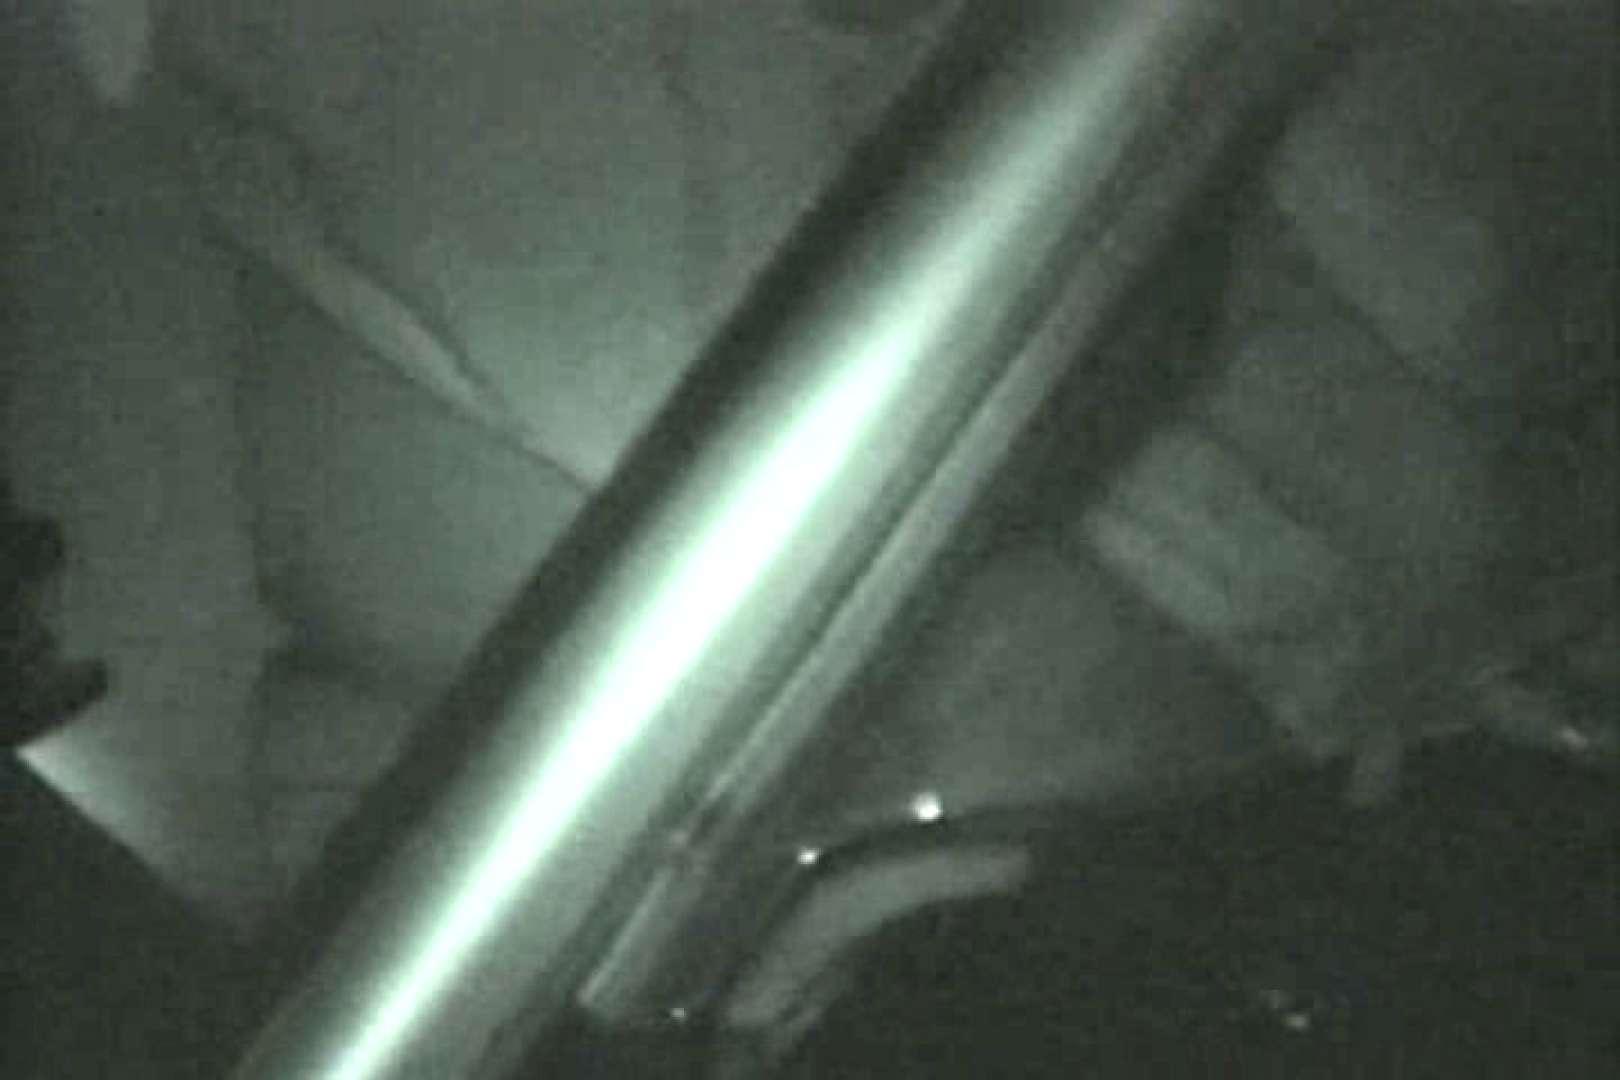 蔵出し!!赤外線カーセックスVol.11 赤外線   濃厚セックス  26PICs 11